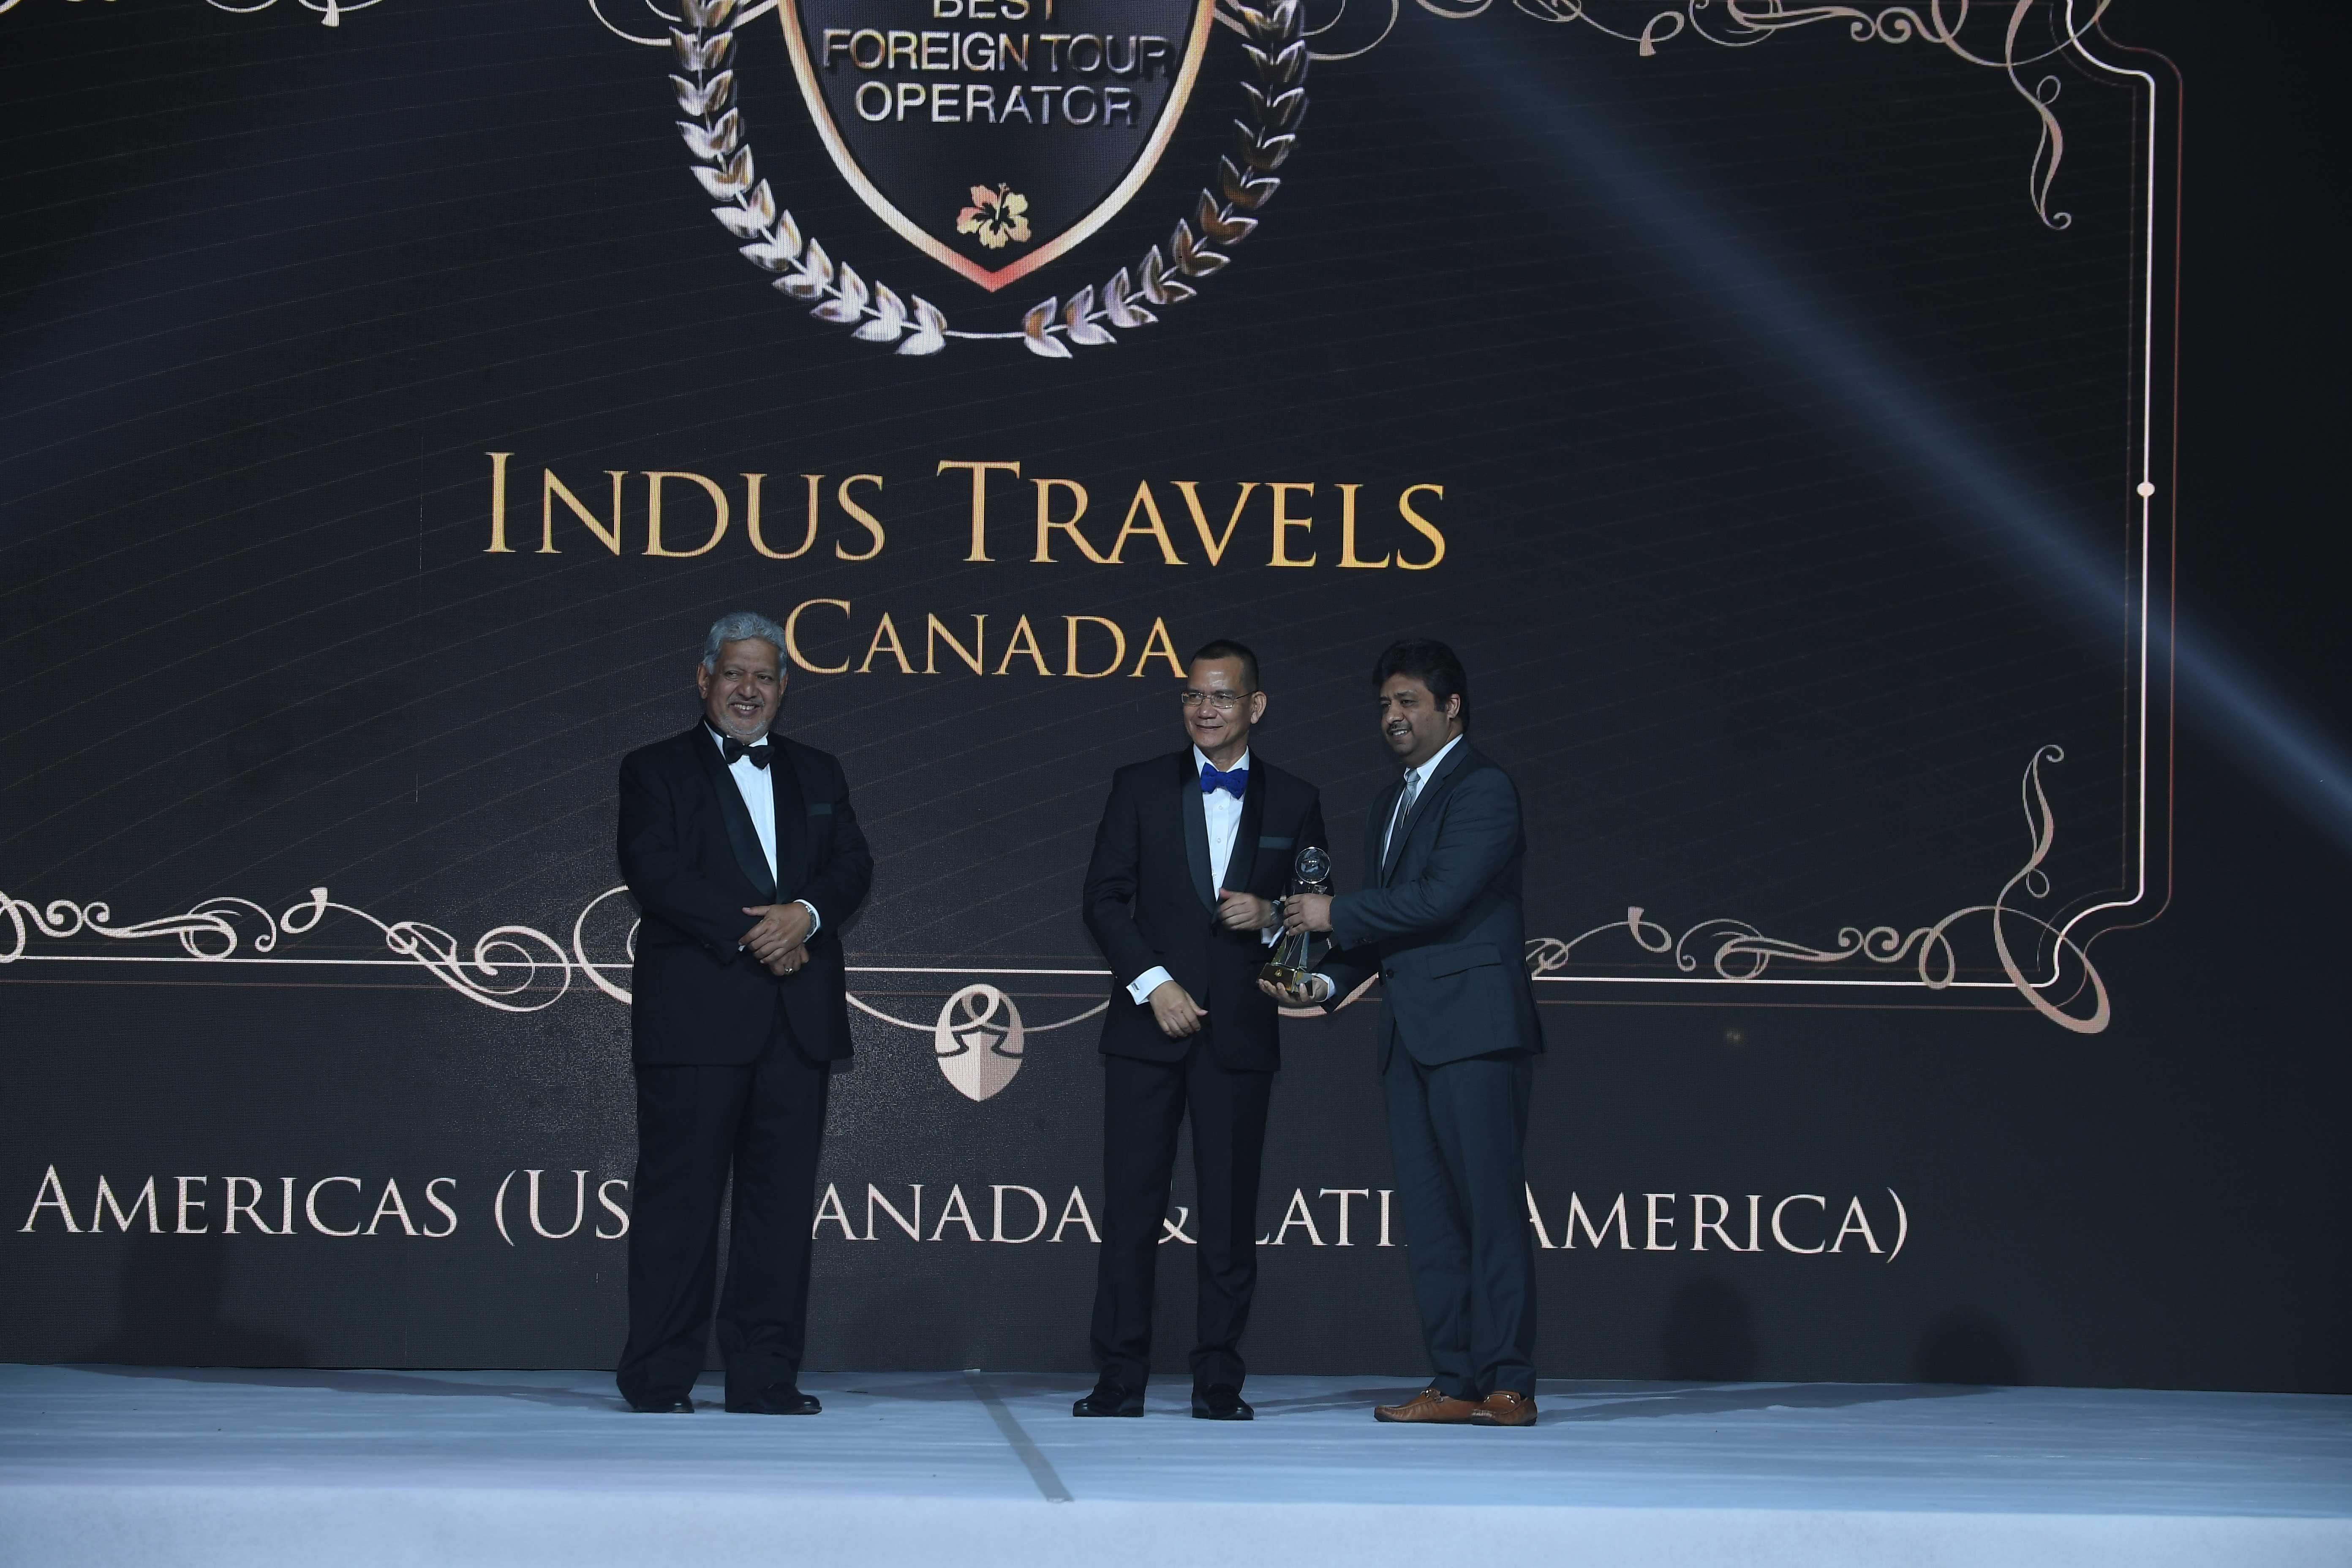 Award 01 Mar 2018